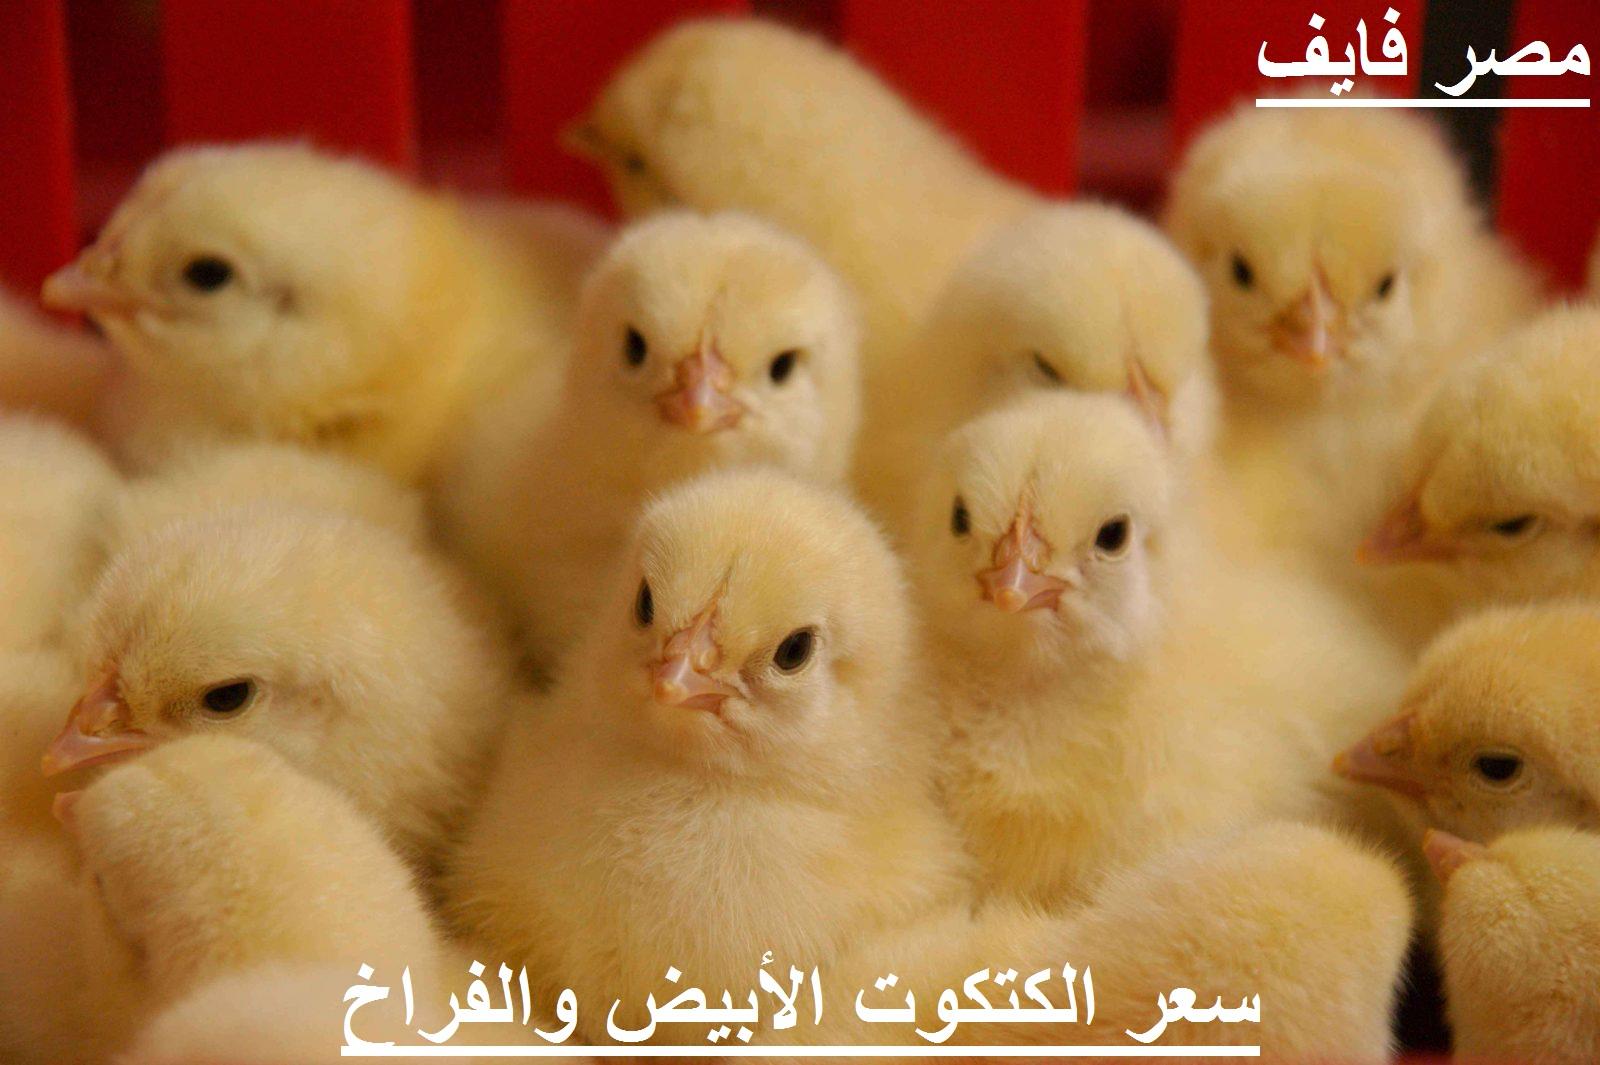 بورصة الدواجن.. سعر الفراخ اليوم الثلاثاء 2 مارس وسعر الكتكوت الأبيض اليوم في جميع الشركات 6